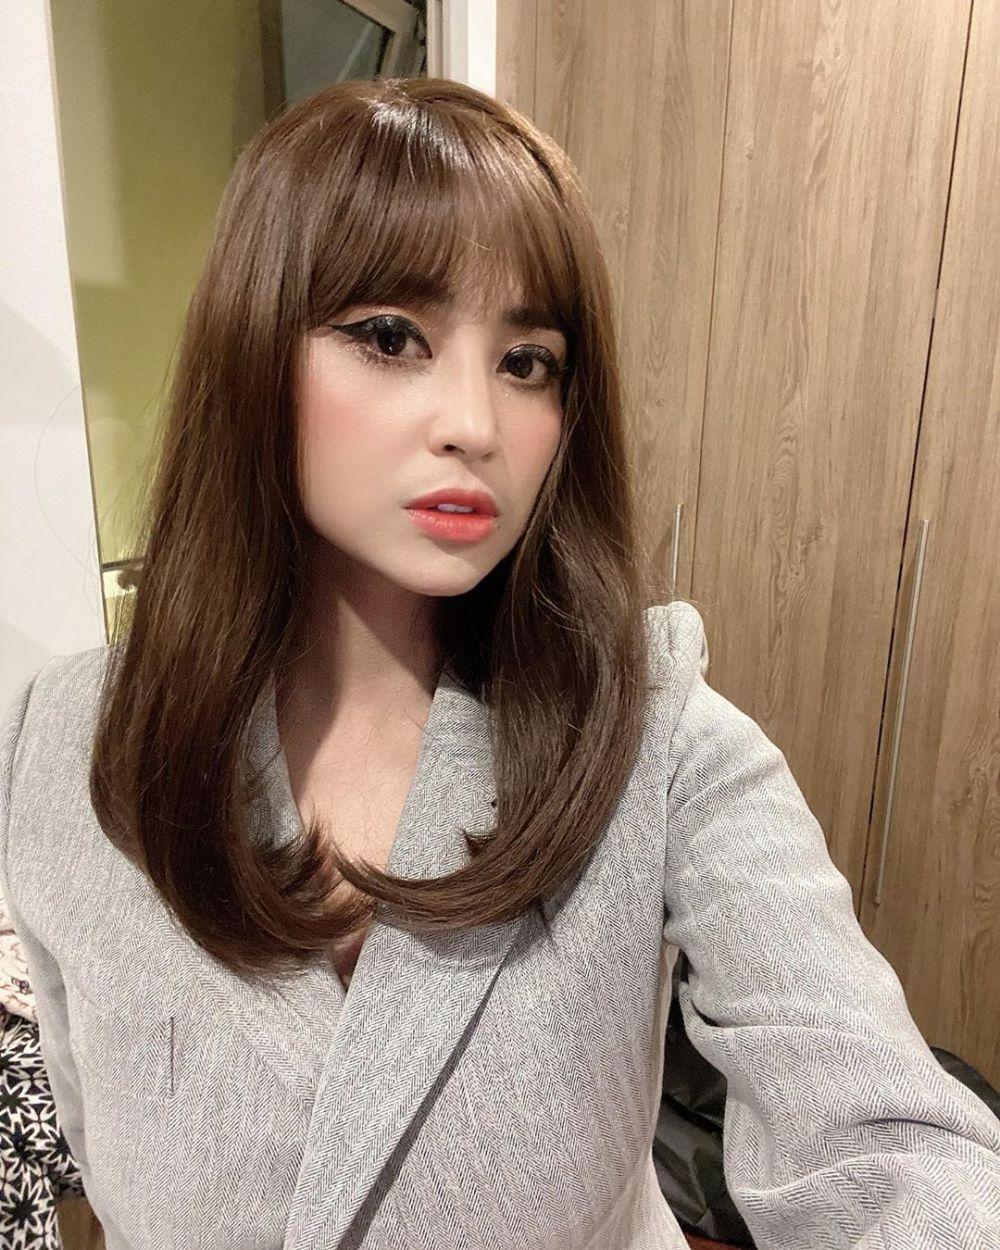 gaya penyanyi dangdut rambut berponi © 2020 Instagram